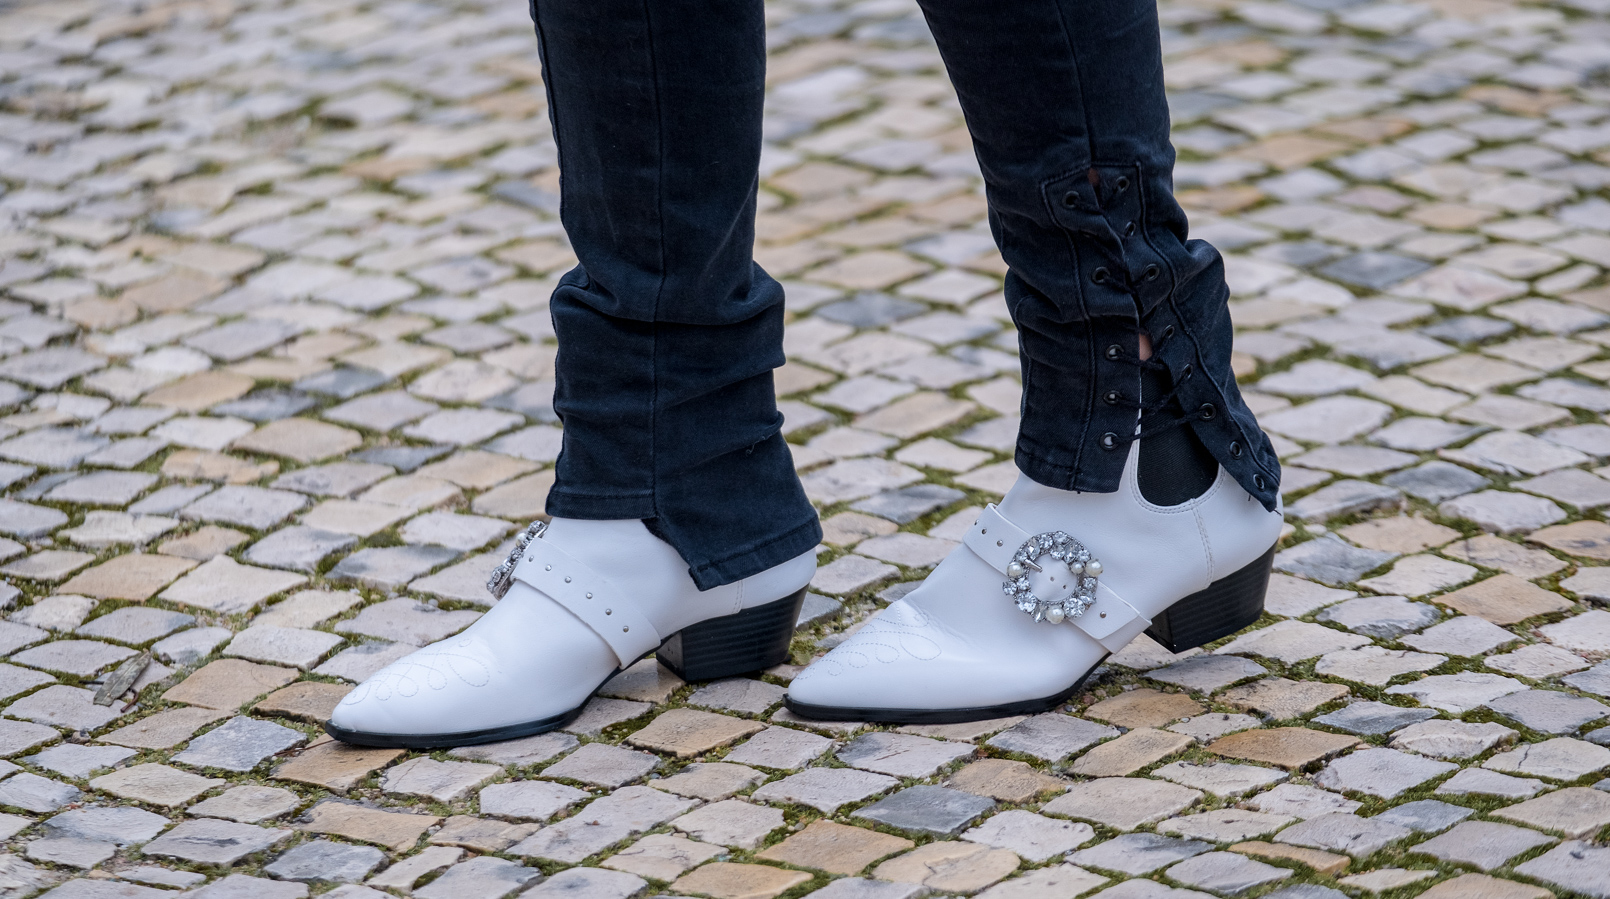 Le Fashionaire Comprei umas botas à cowboy: e agora? calcas pretas skinny zara botas brancas cowboy stradivarius 9872F PT